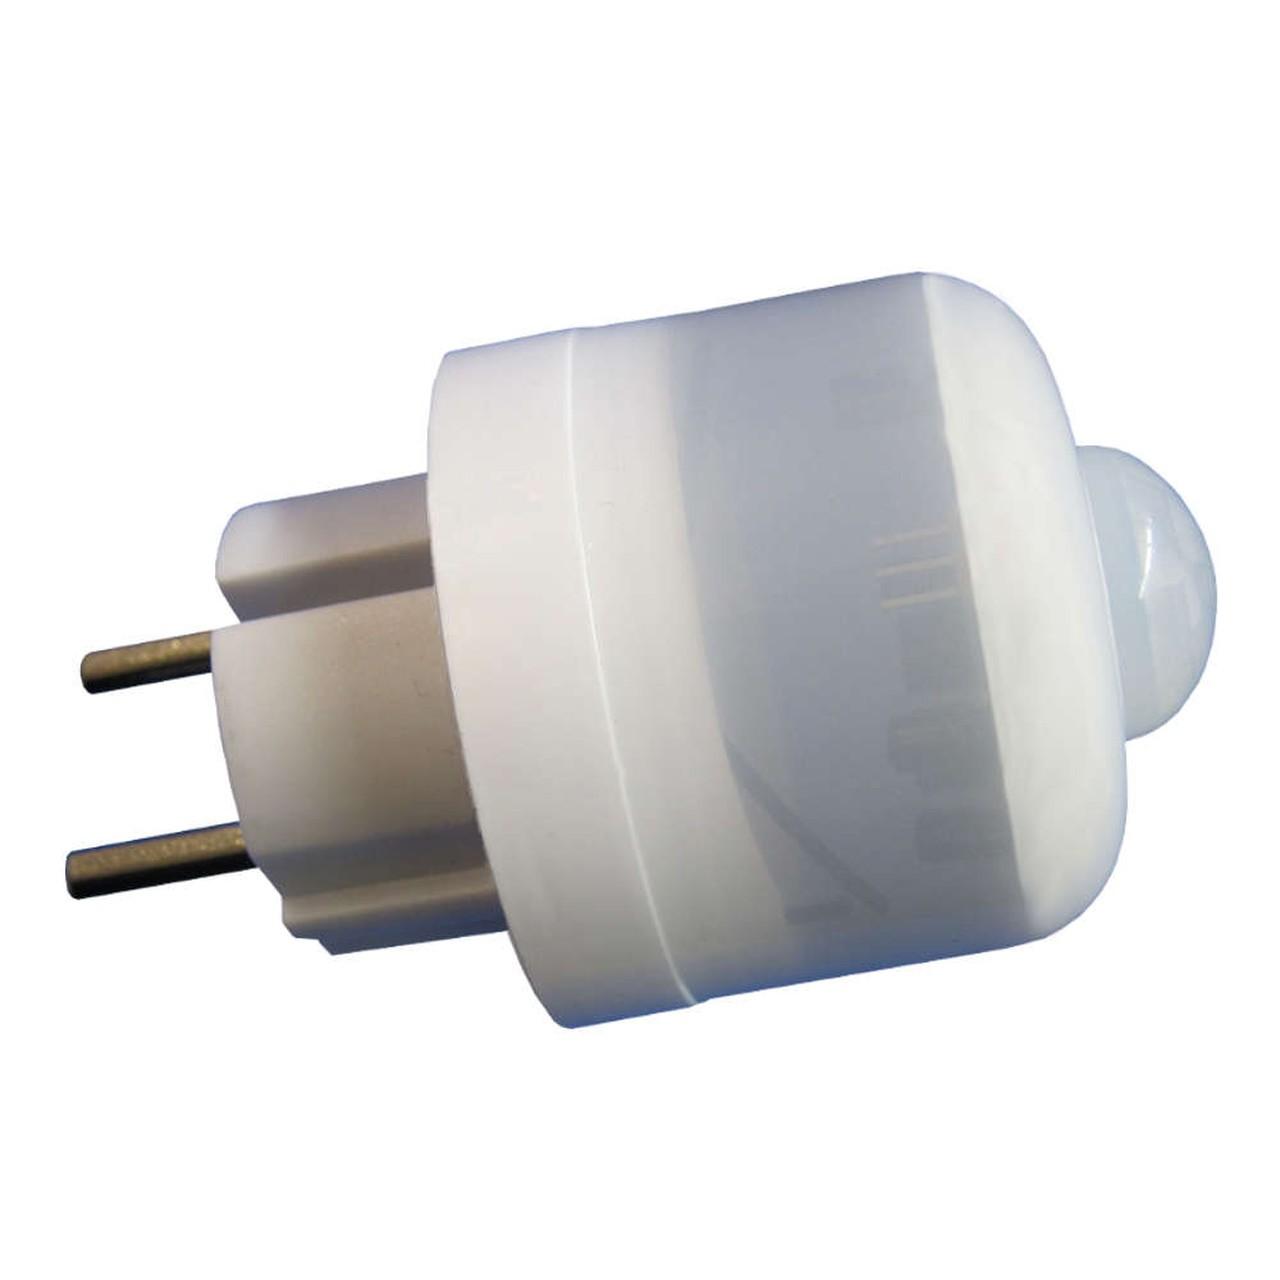 Stekker bewegingsmelder digitalSTROM ready | LED verlichting ...